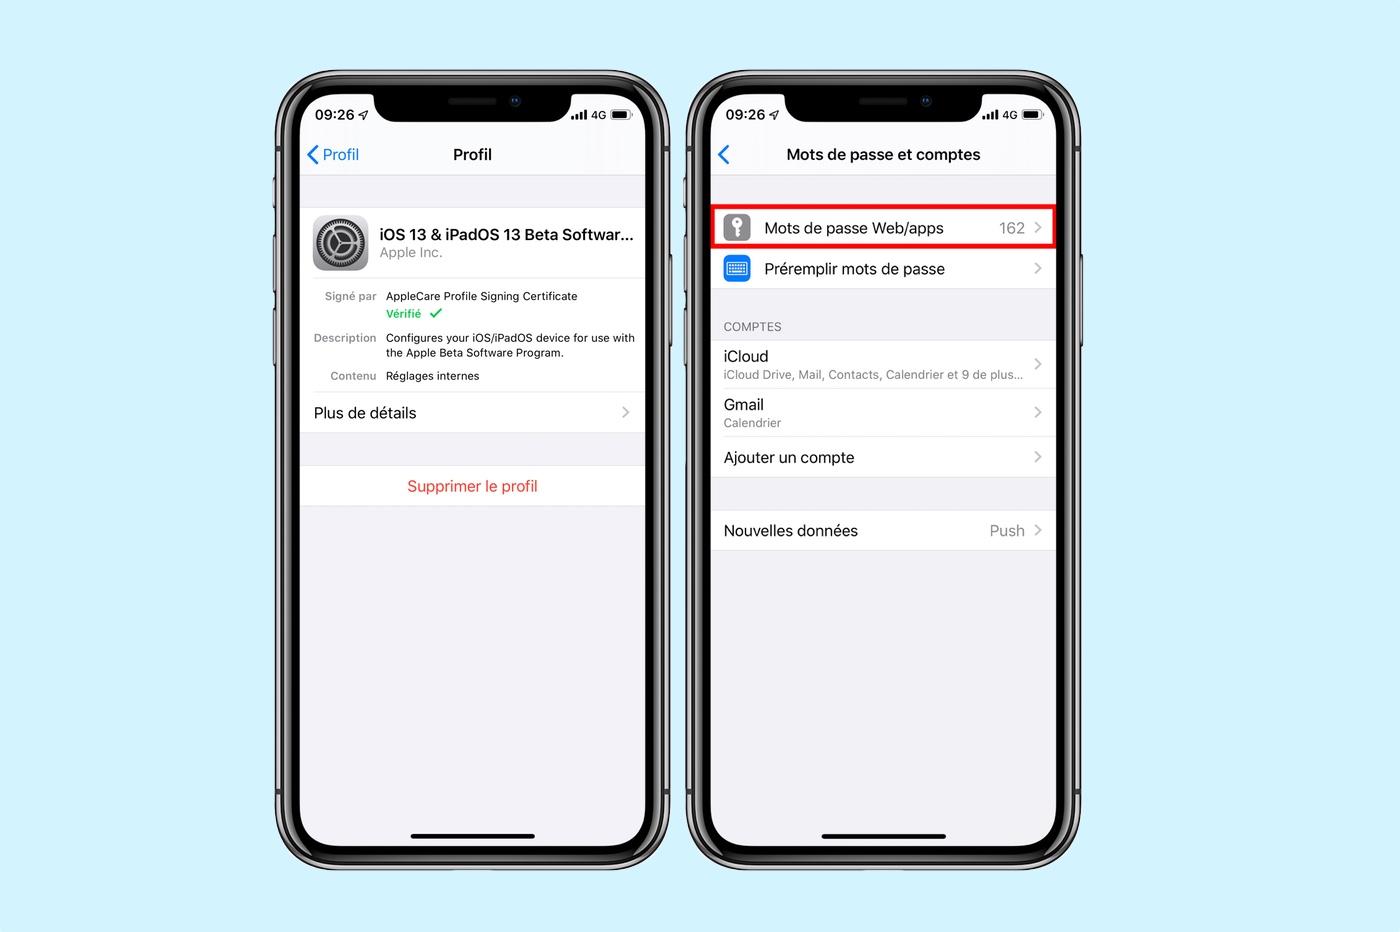 iOS 13 : un bug permet d'accéder à tous les mots de passe 1